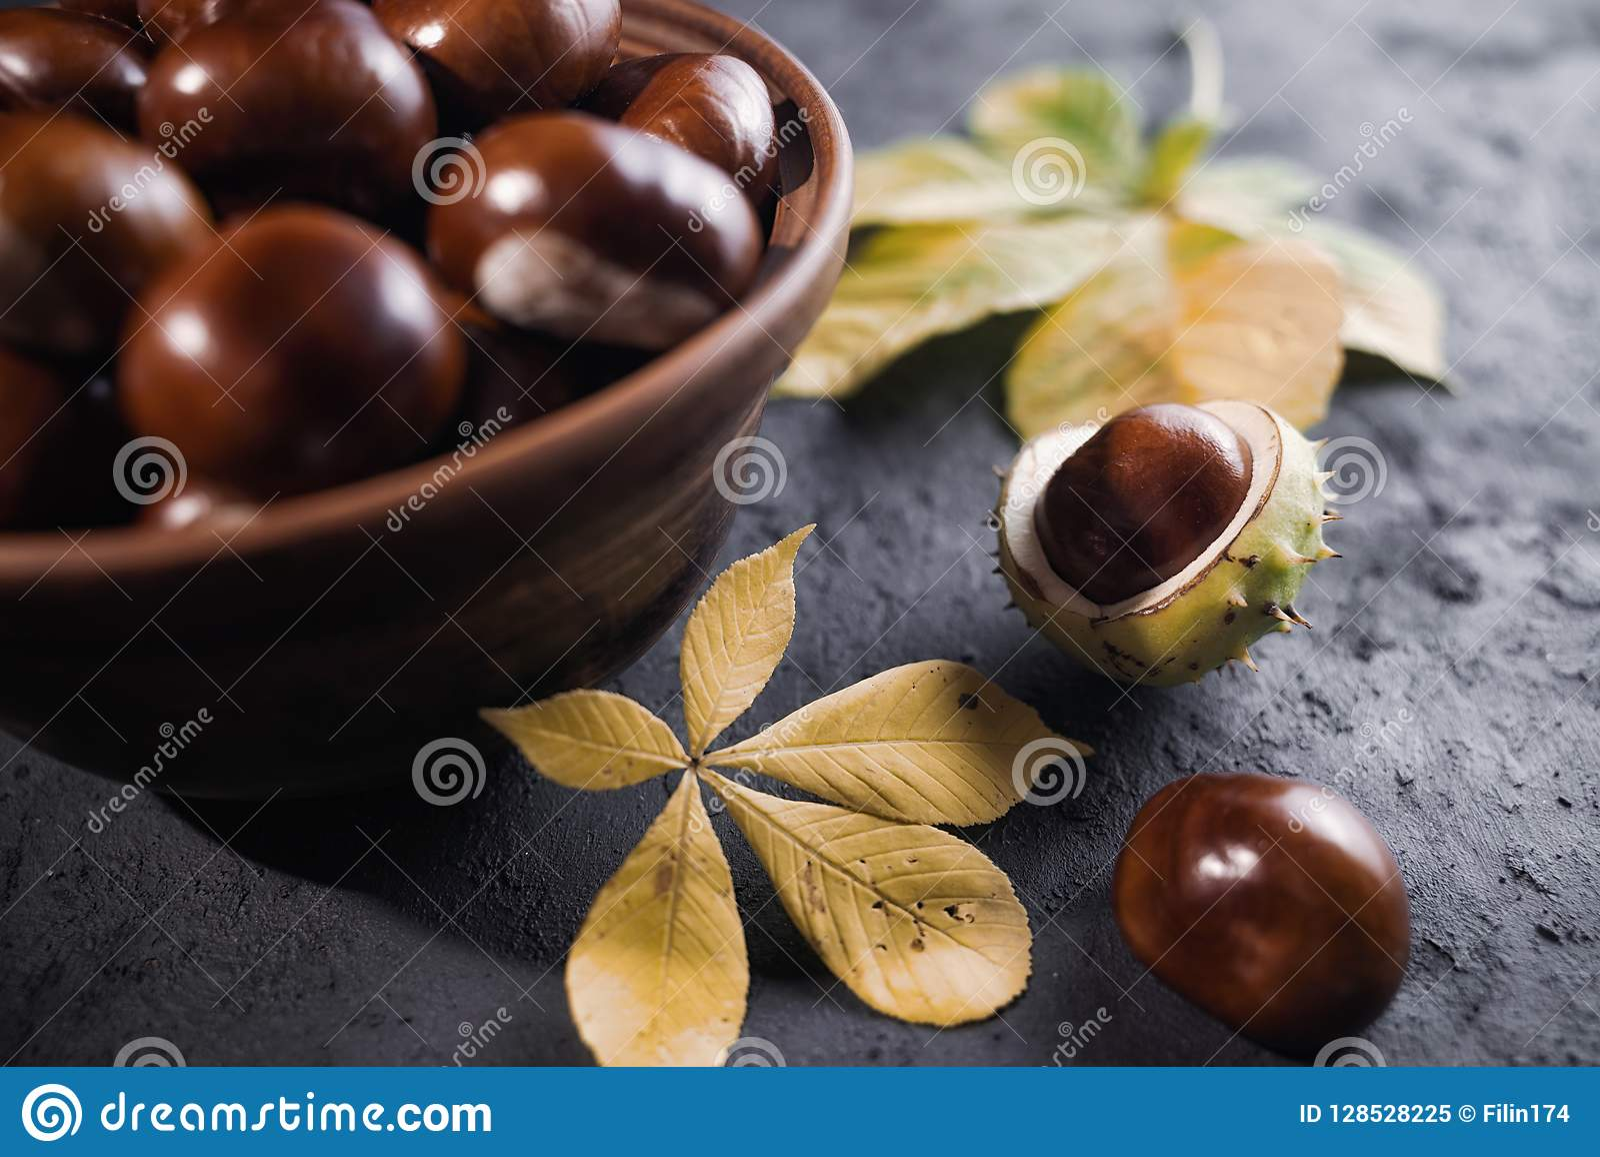 Le marron d Inde vert et épineux porte des fruits dans l intérieur